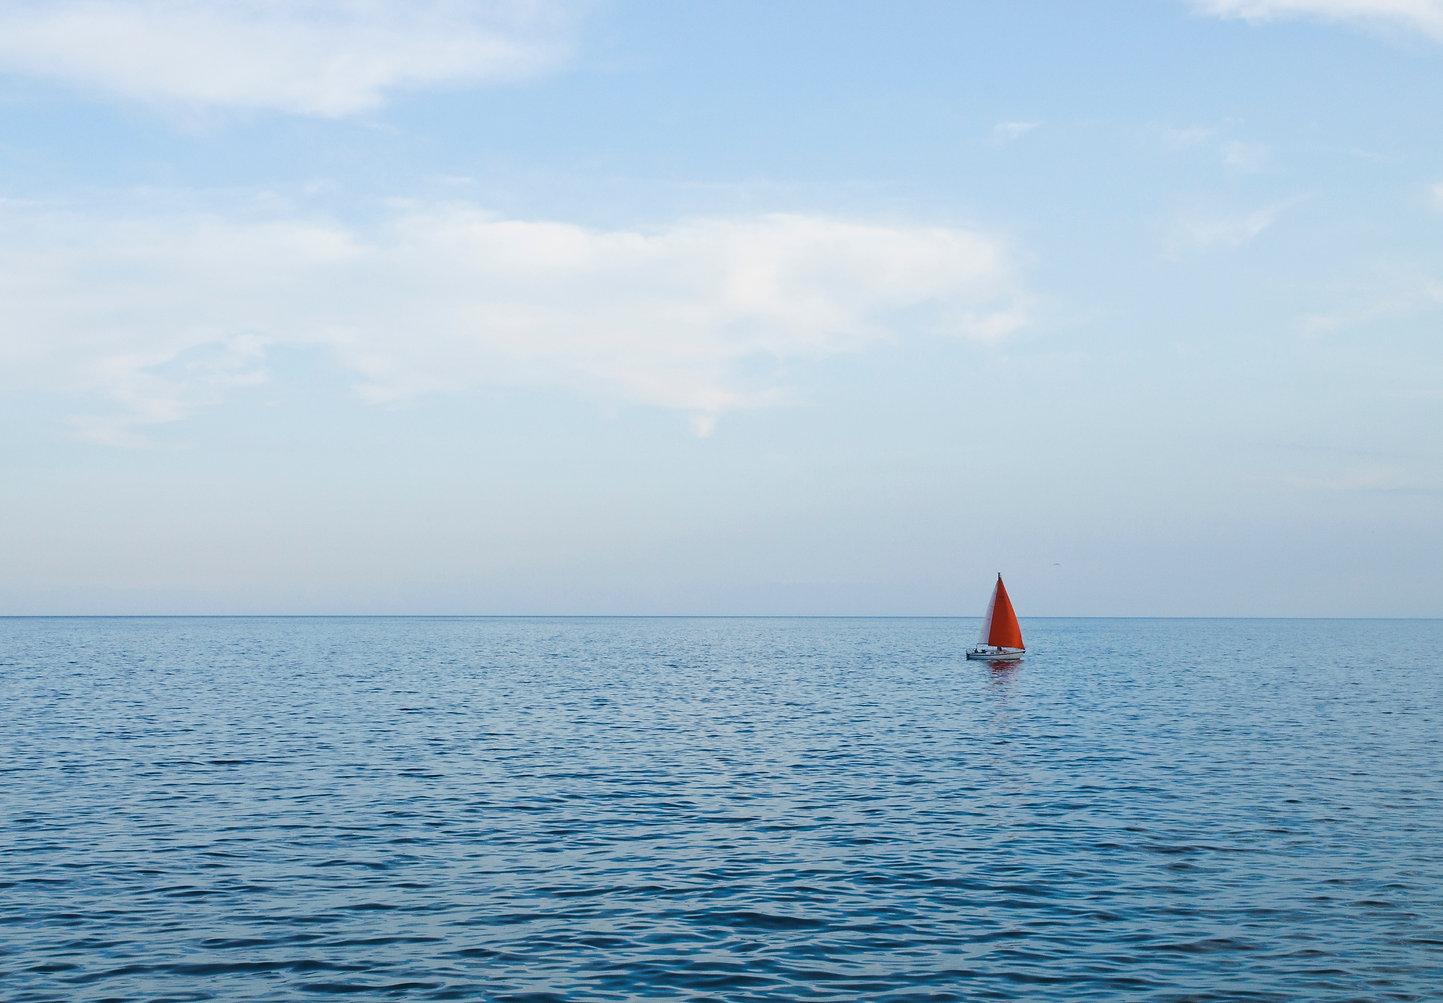 Nothing but ocean